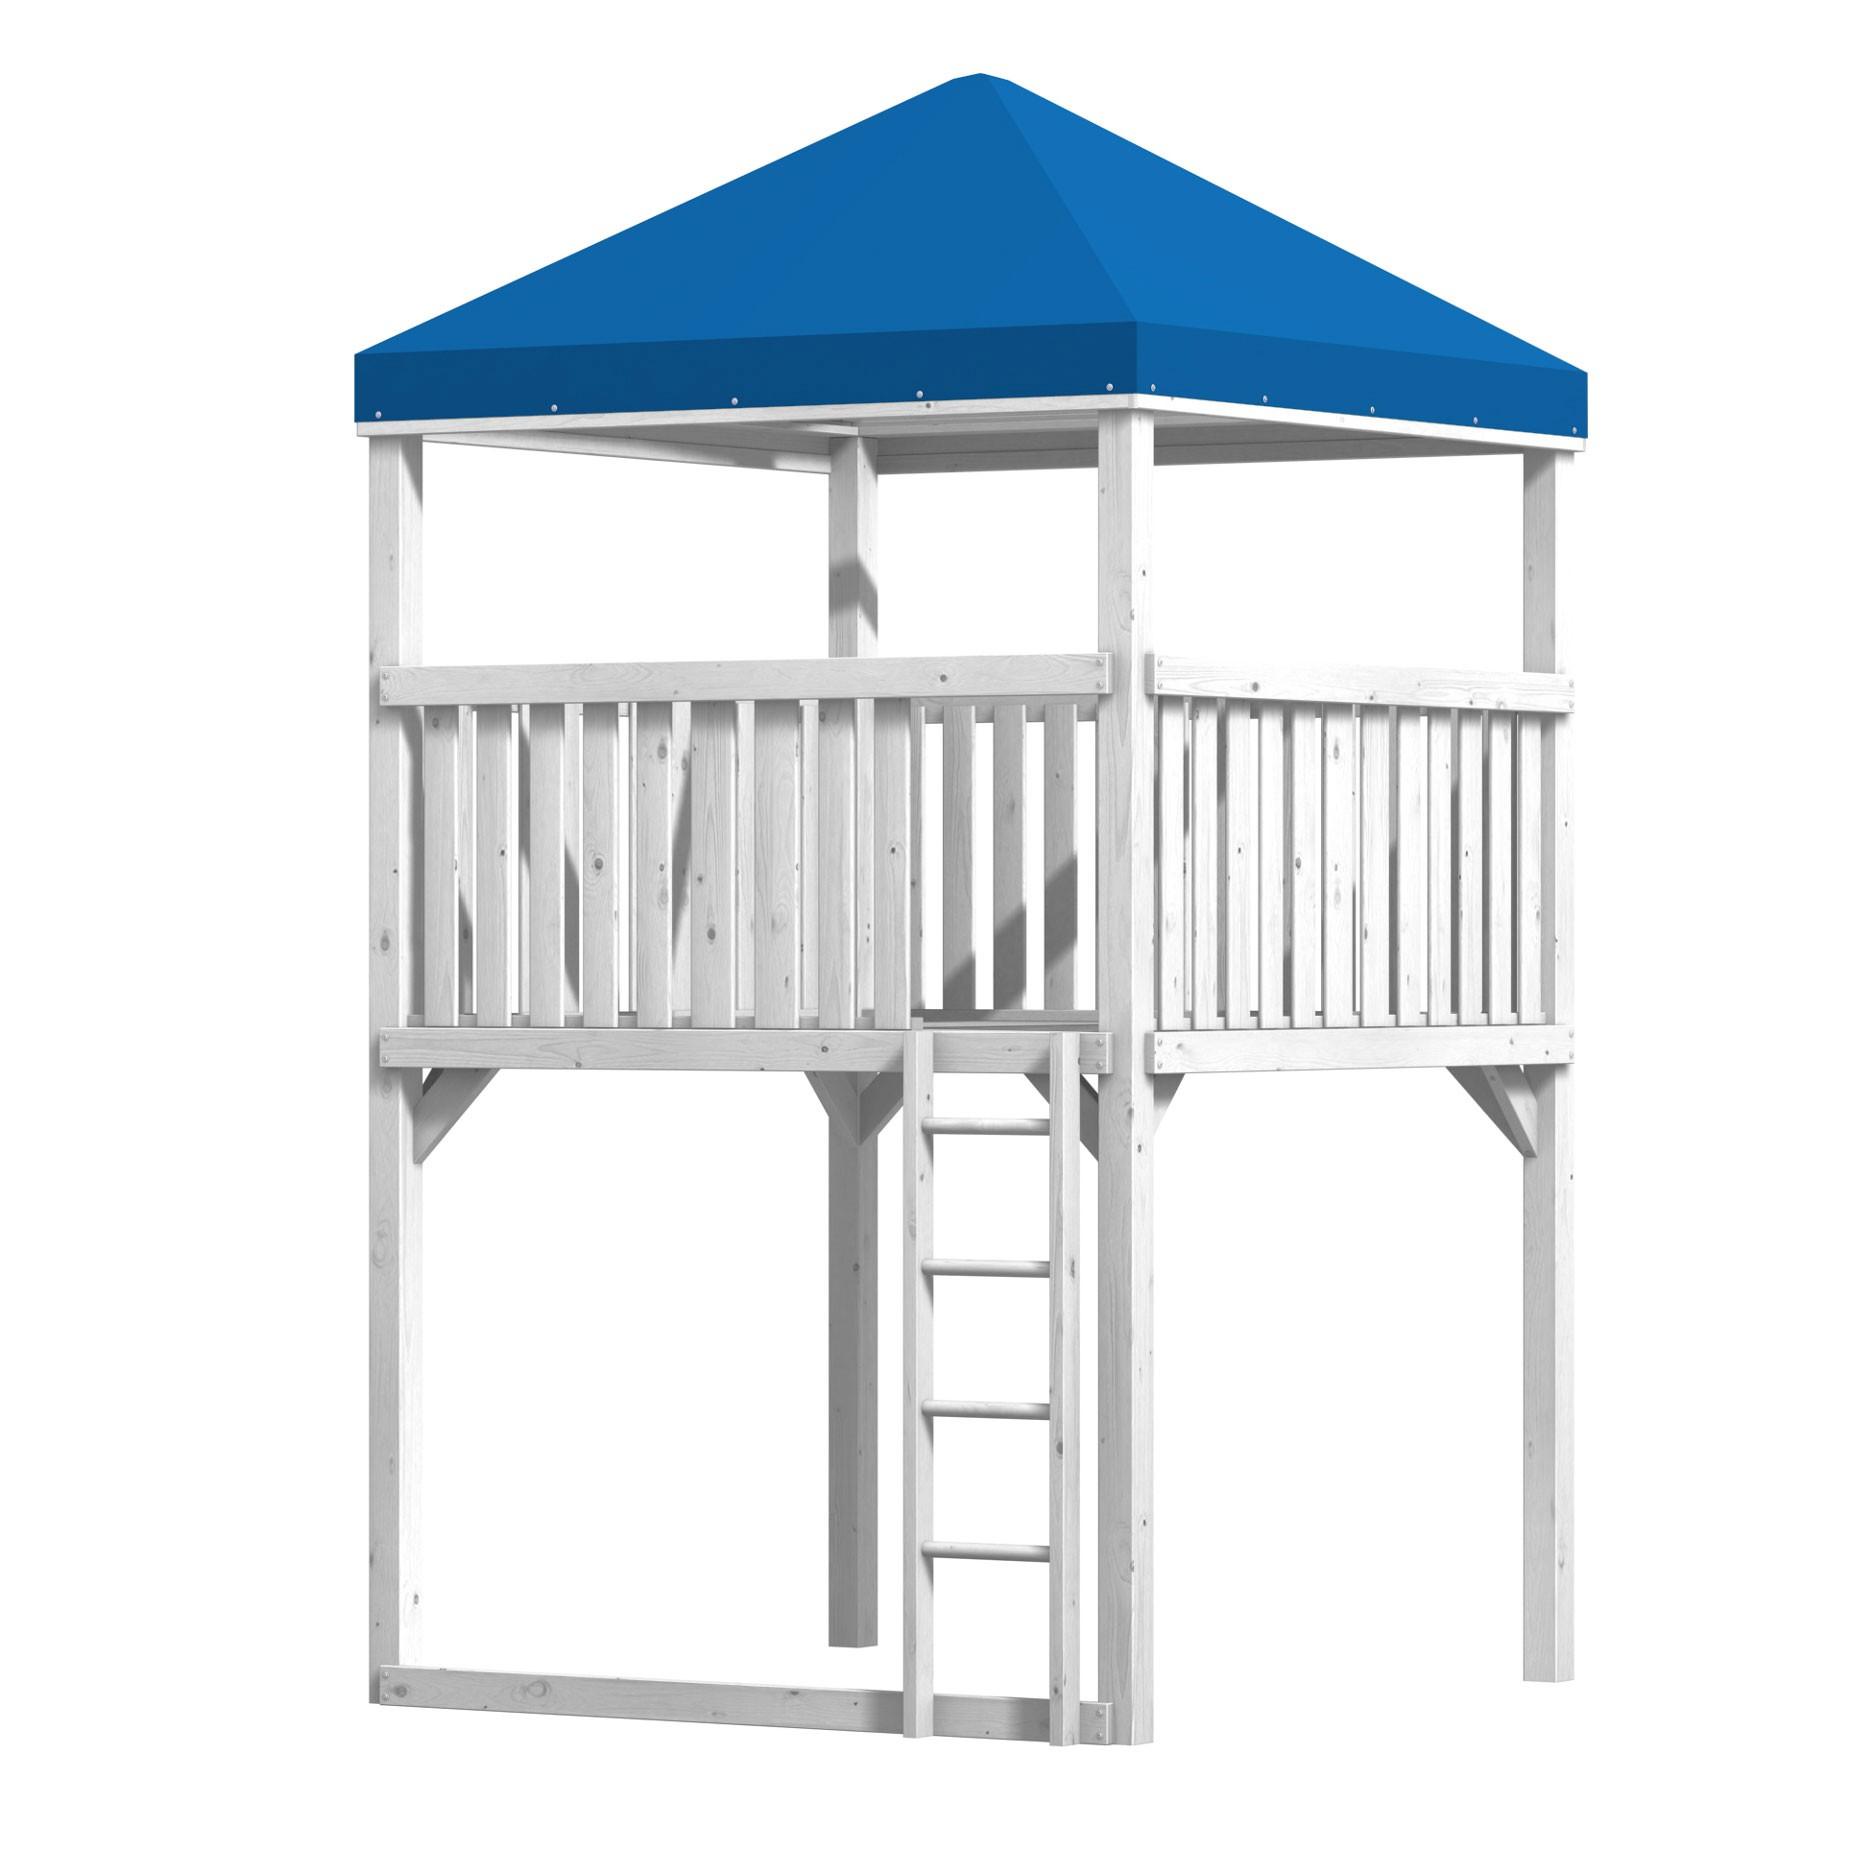 Dachplane für Winnetoo GIGA Spielturm - Ersatzteil Bild 1